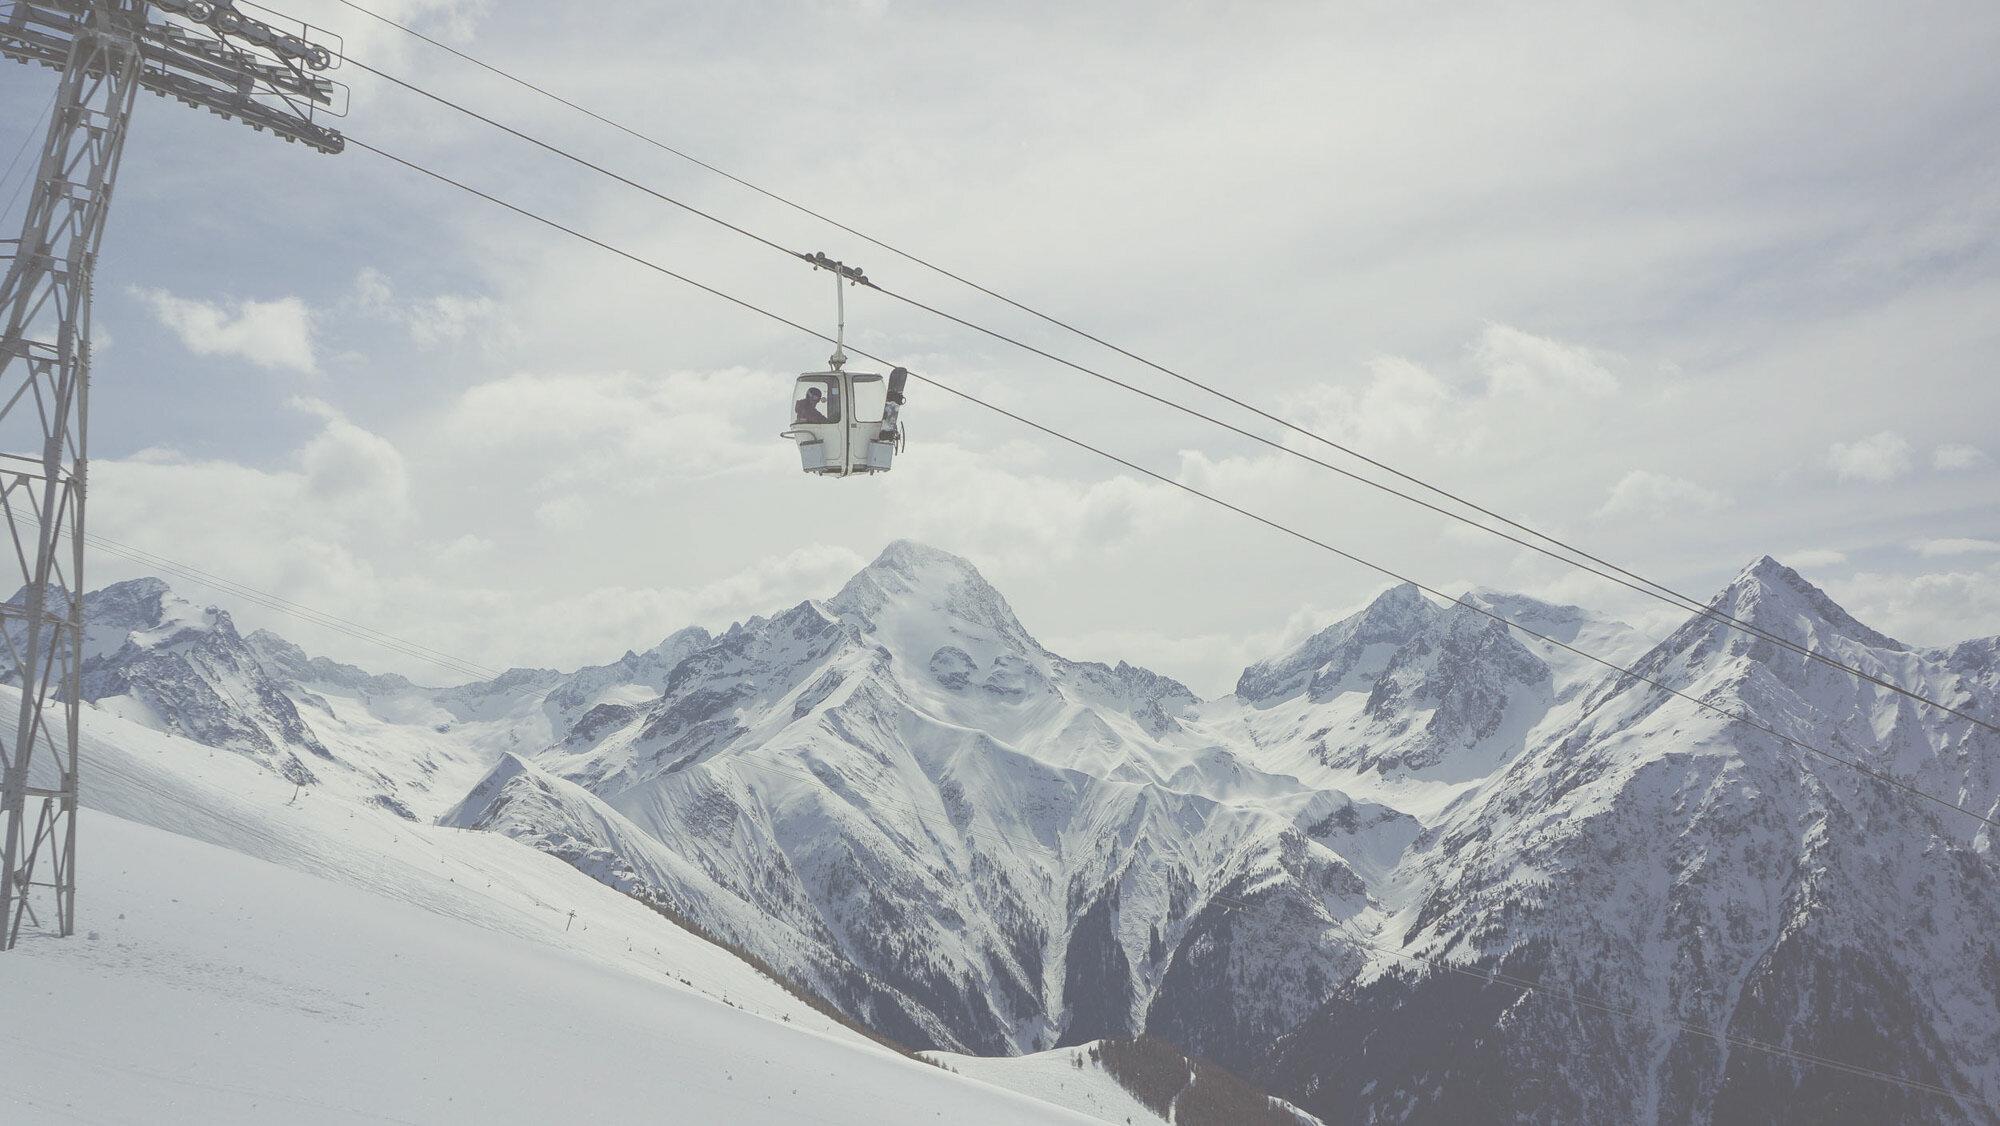 ski-chalet-holiday-explore-resort.jpg